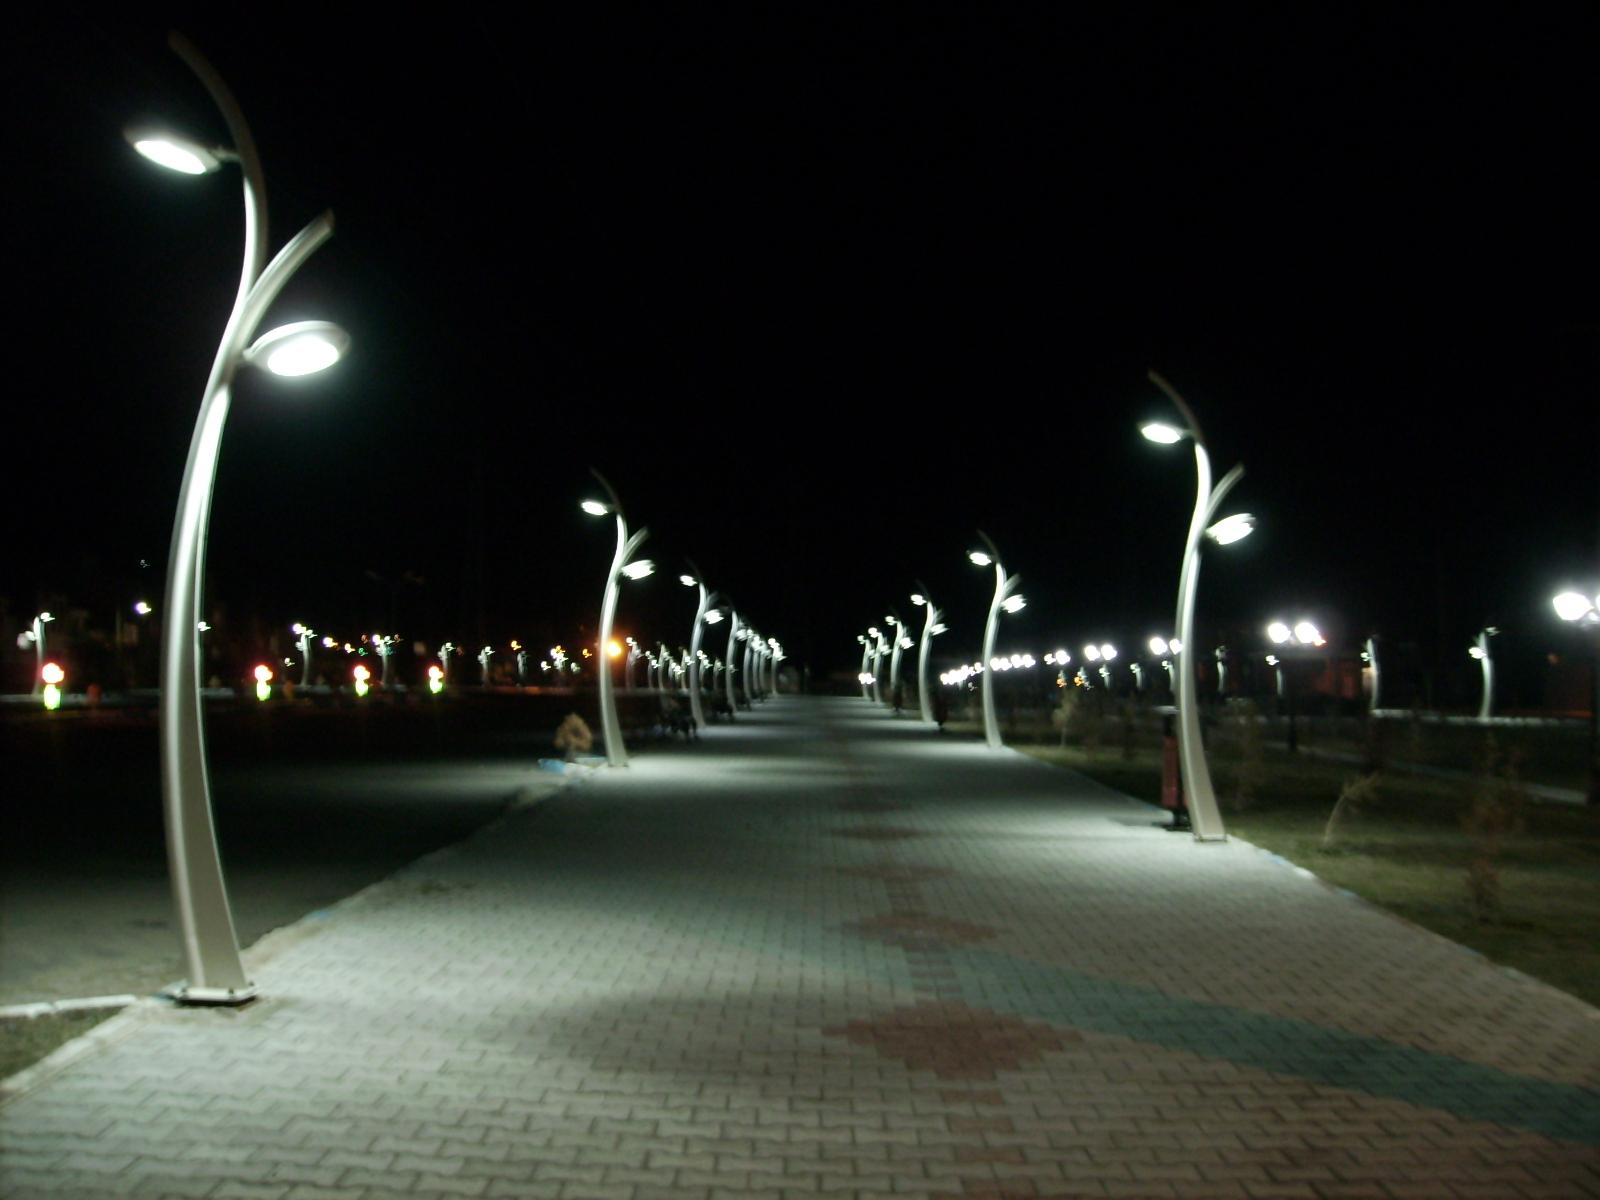 http://aharimiz.arzublog.com/uploads/aharimiz/PICT0042.JPG